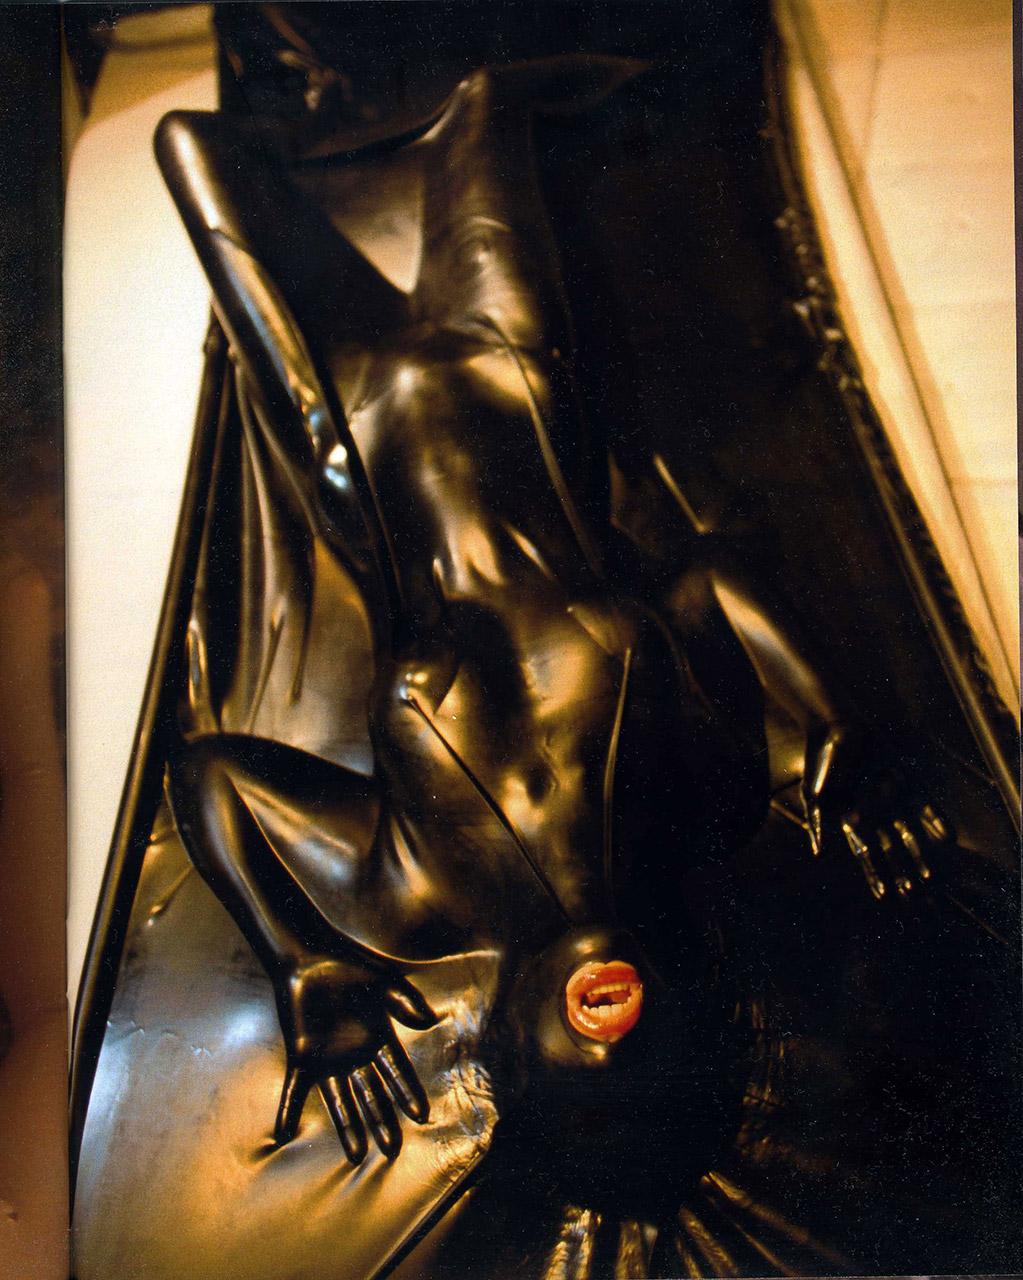 【ラバーエロ画像】ラバースーツとか全身ラバーとかピッチリ系のコスチュームが好きな人に捧ぐ! 51